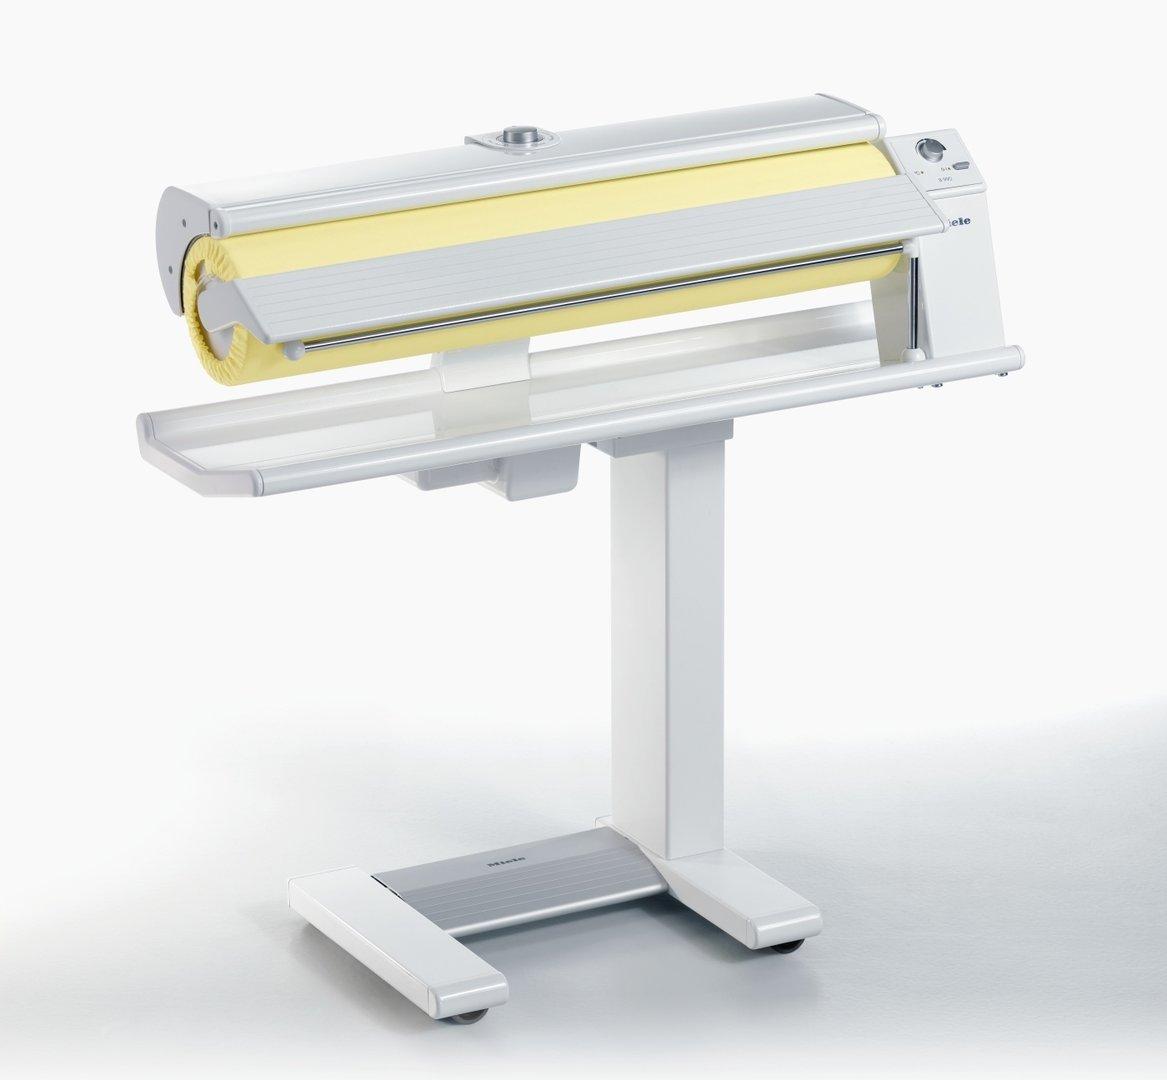 Miele B 990 rotary ironer (ironing machine) - buy it online!